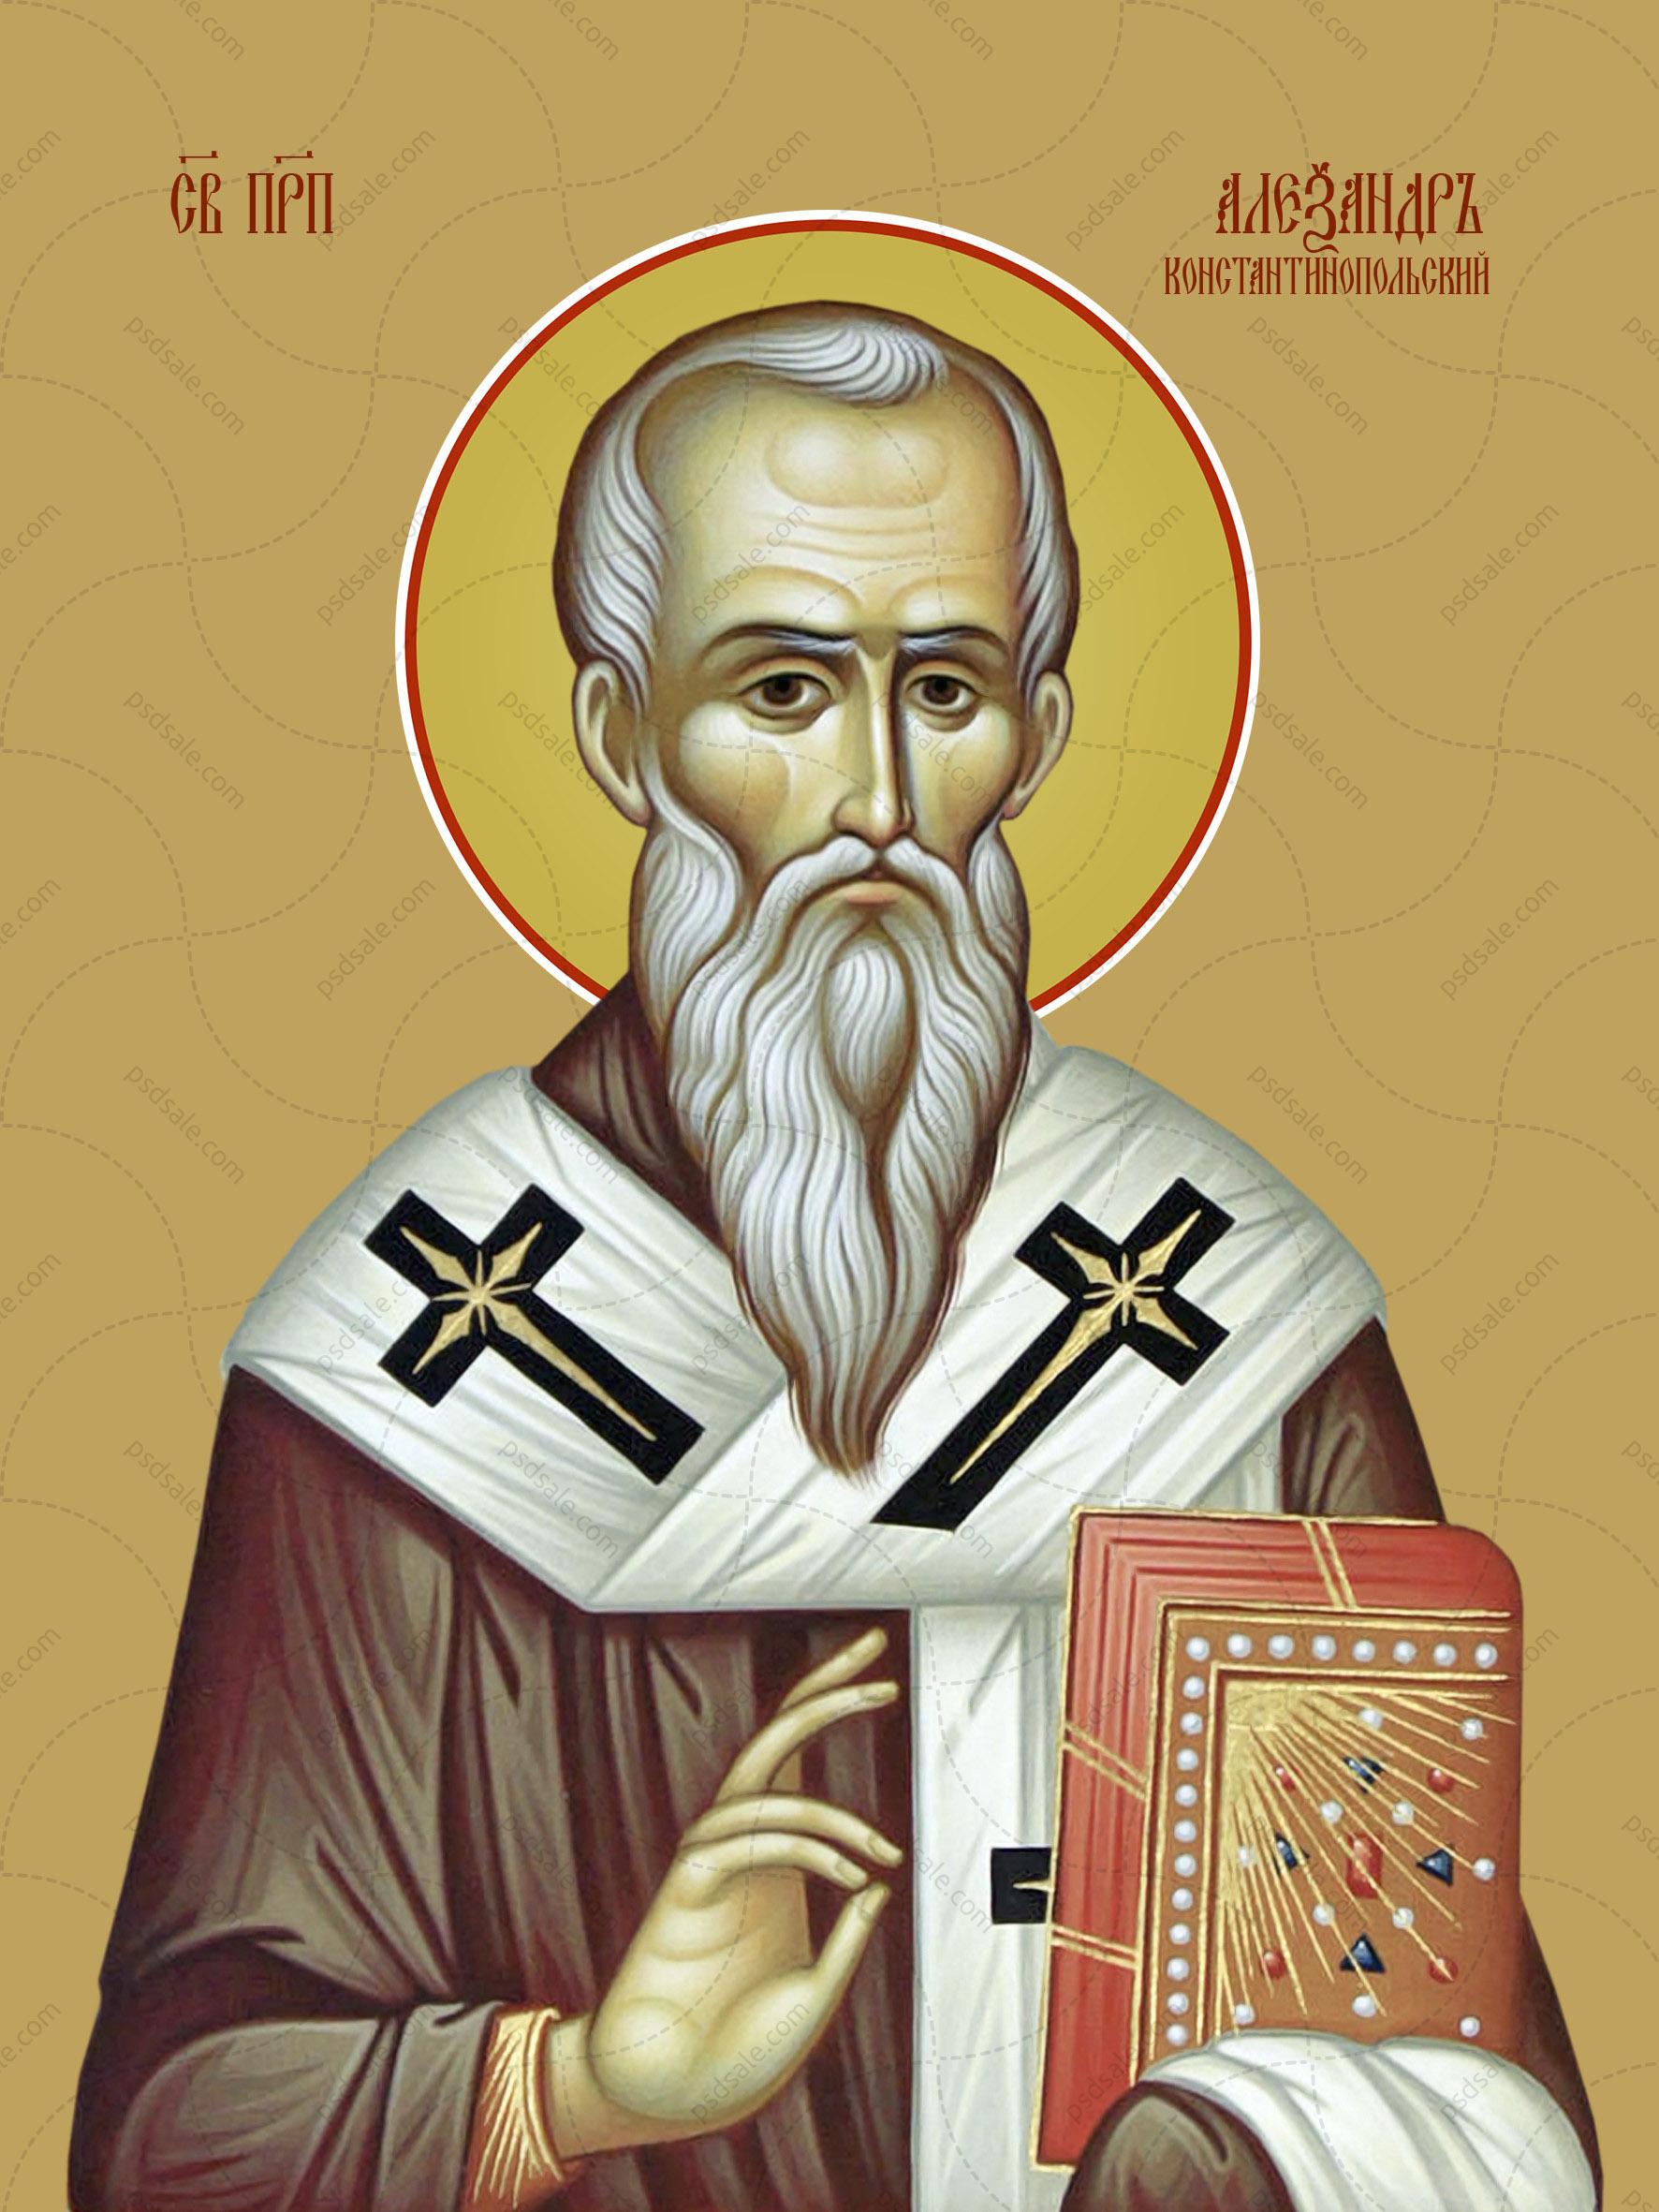 Александр Константинопольский, преподобный